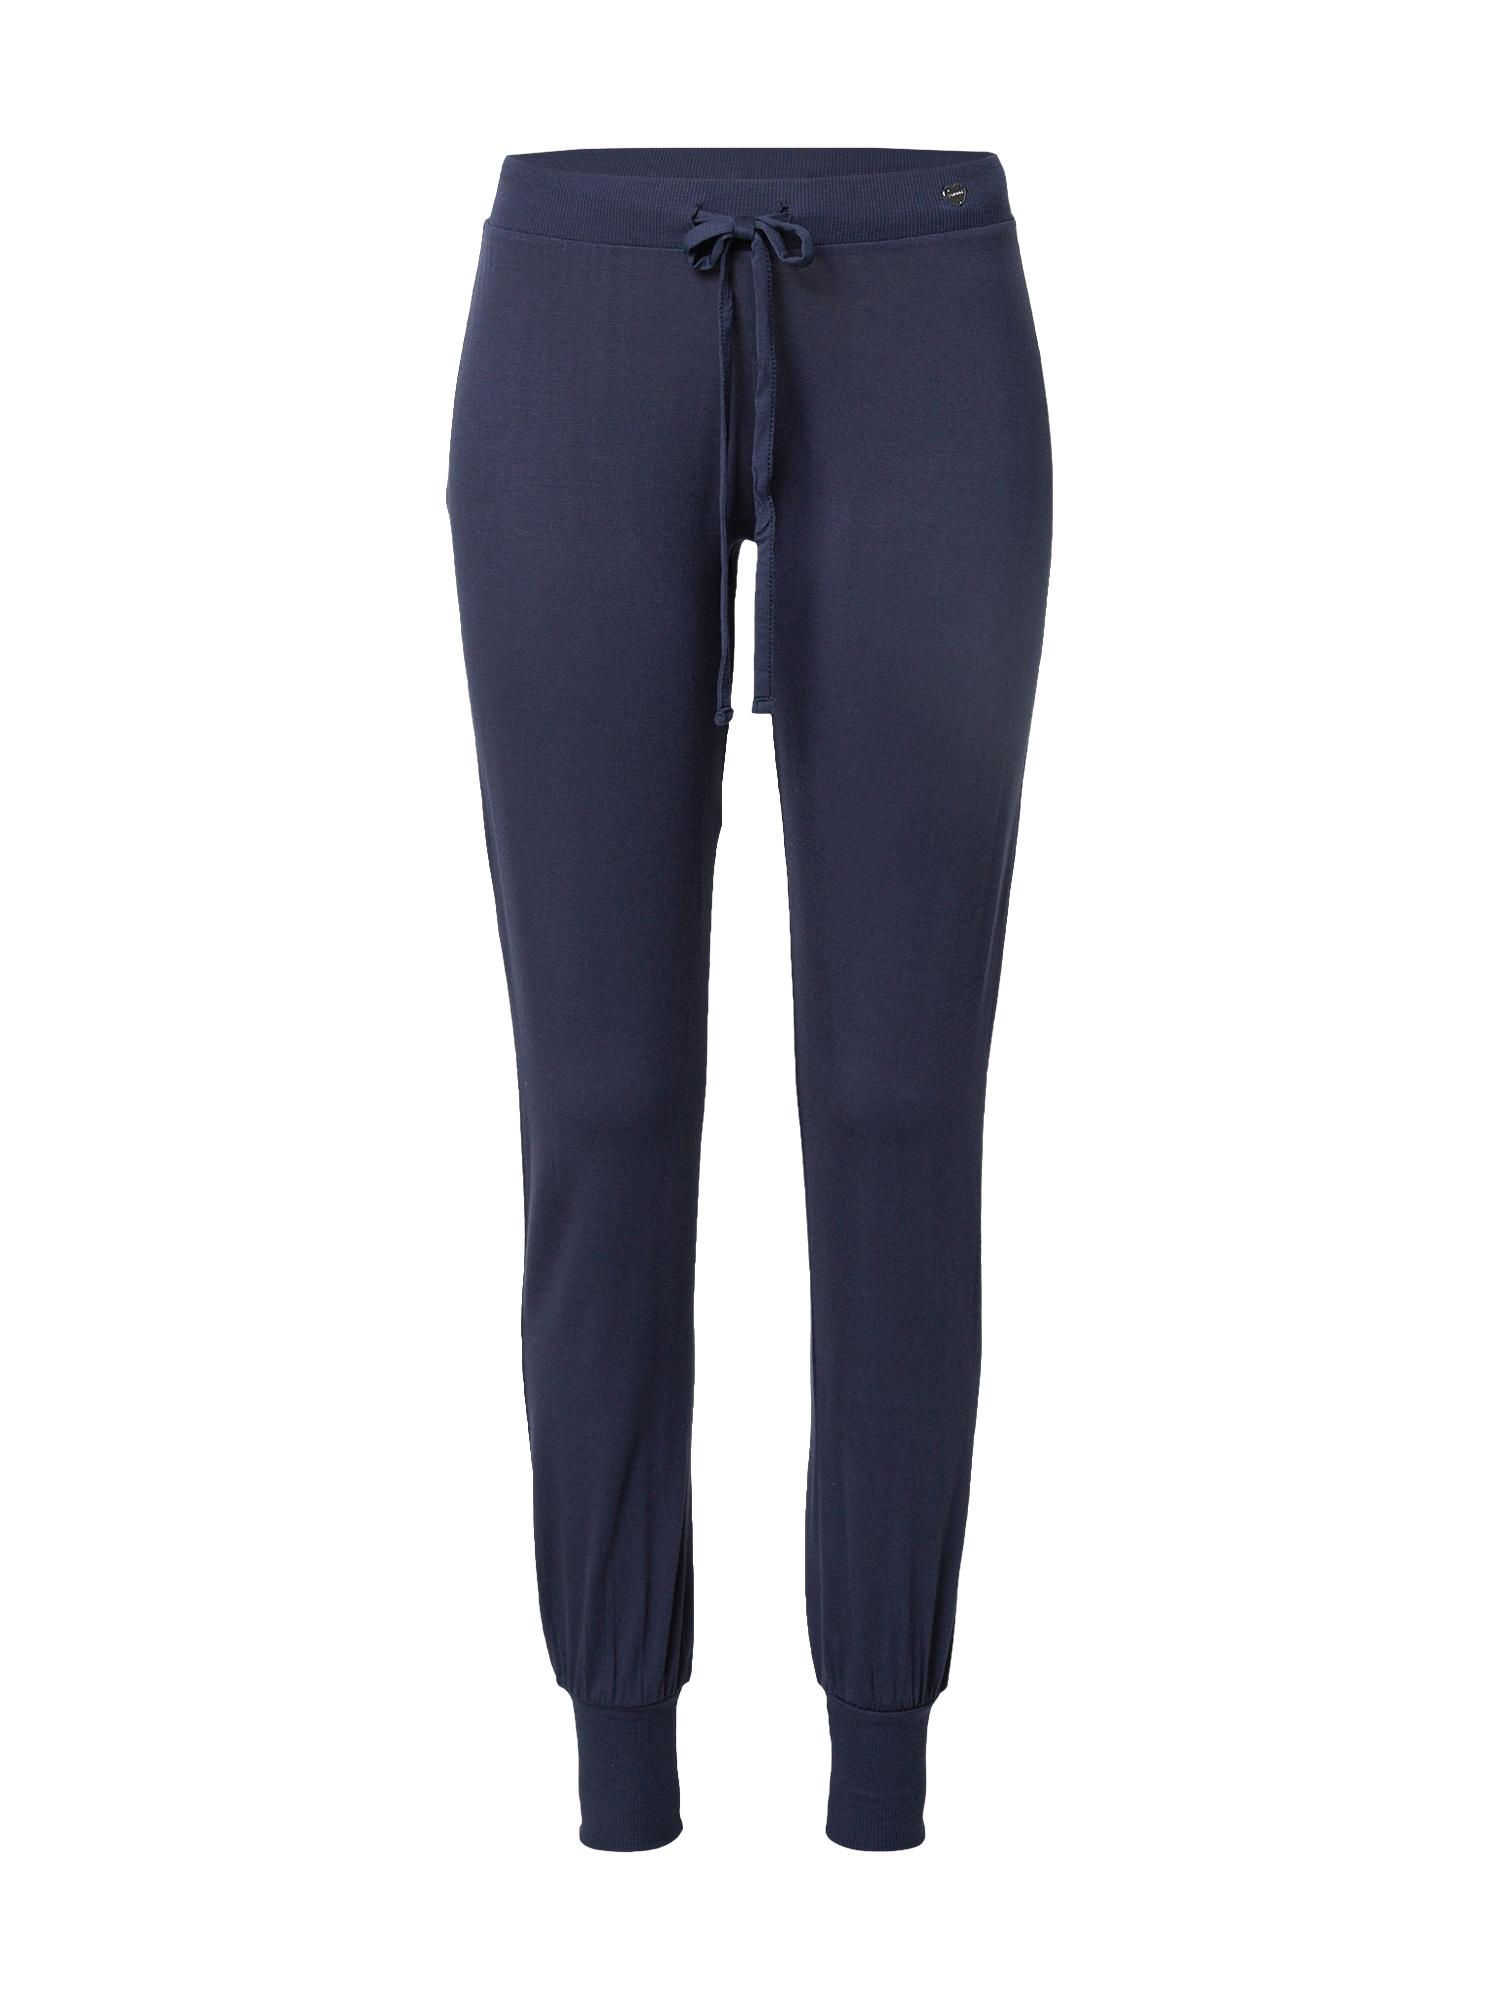 ESPRIT Pyžamové kalhoty 'Jayla'  námořnická modř